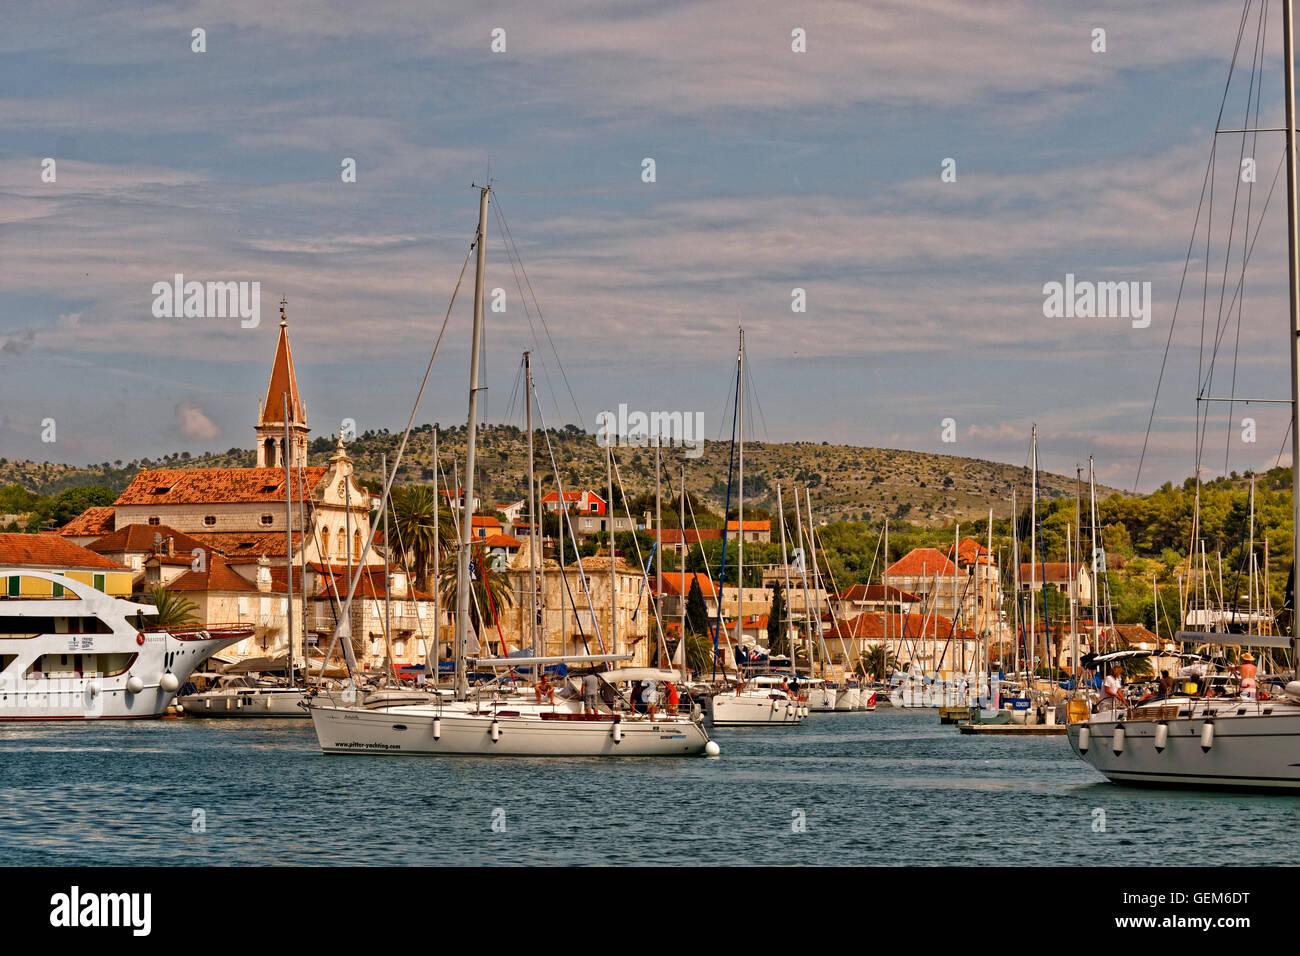 Cruising Yacht Liegeplatz in der Stadt Milna auf der Insel Brac in Kroatien. Stockbild